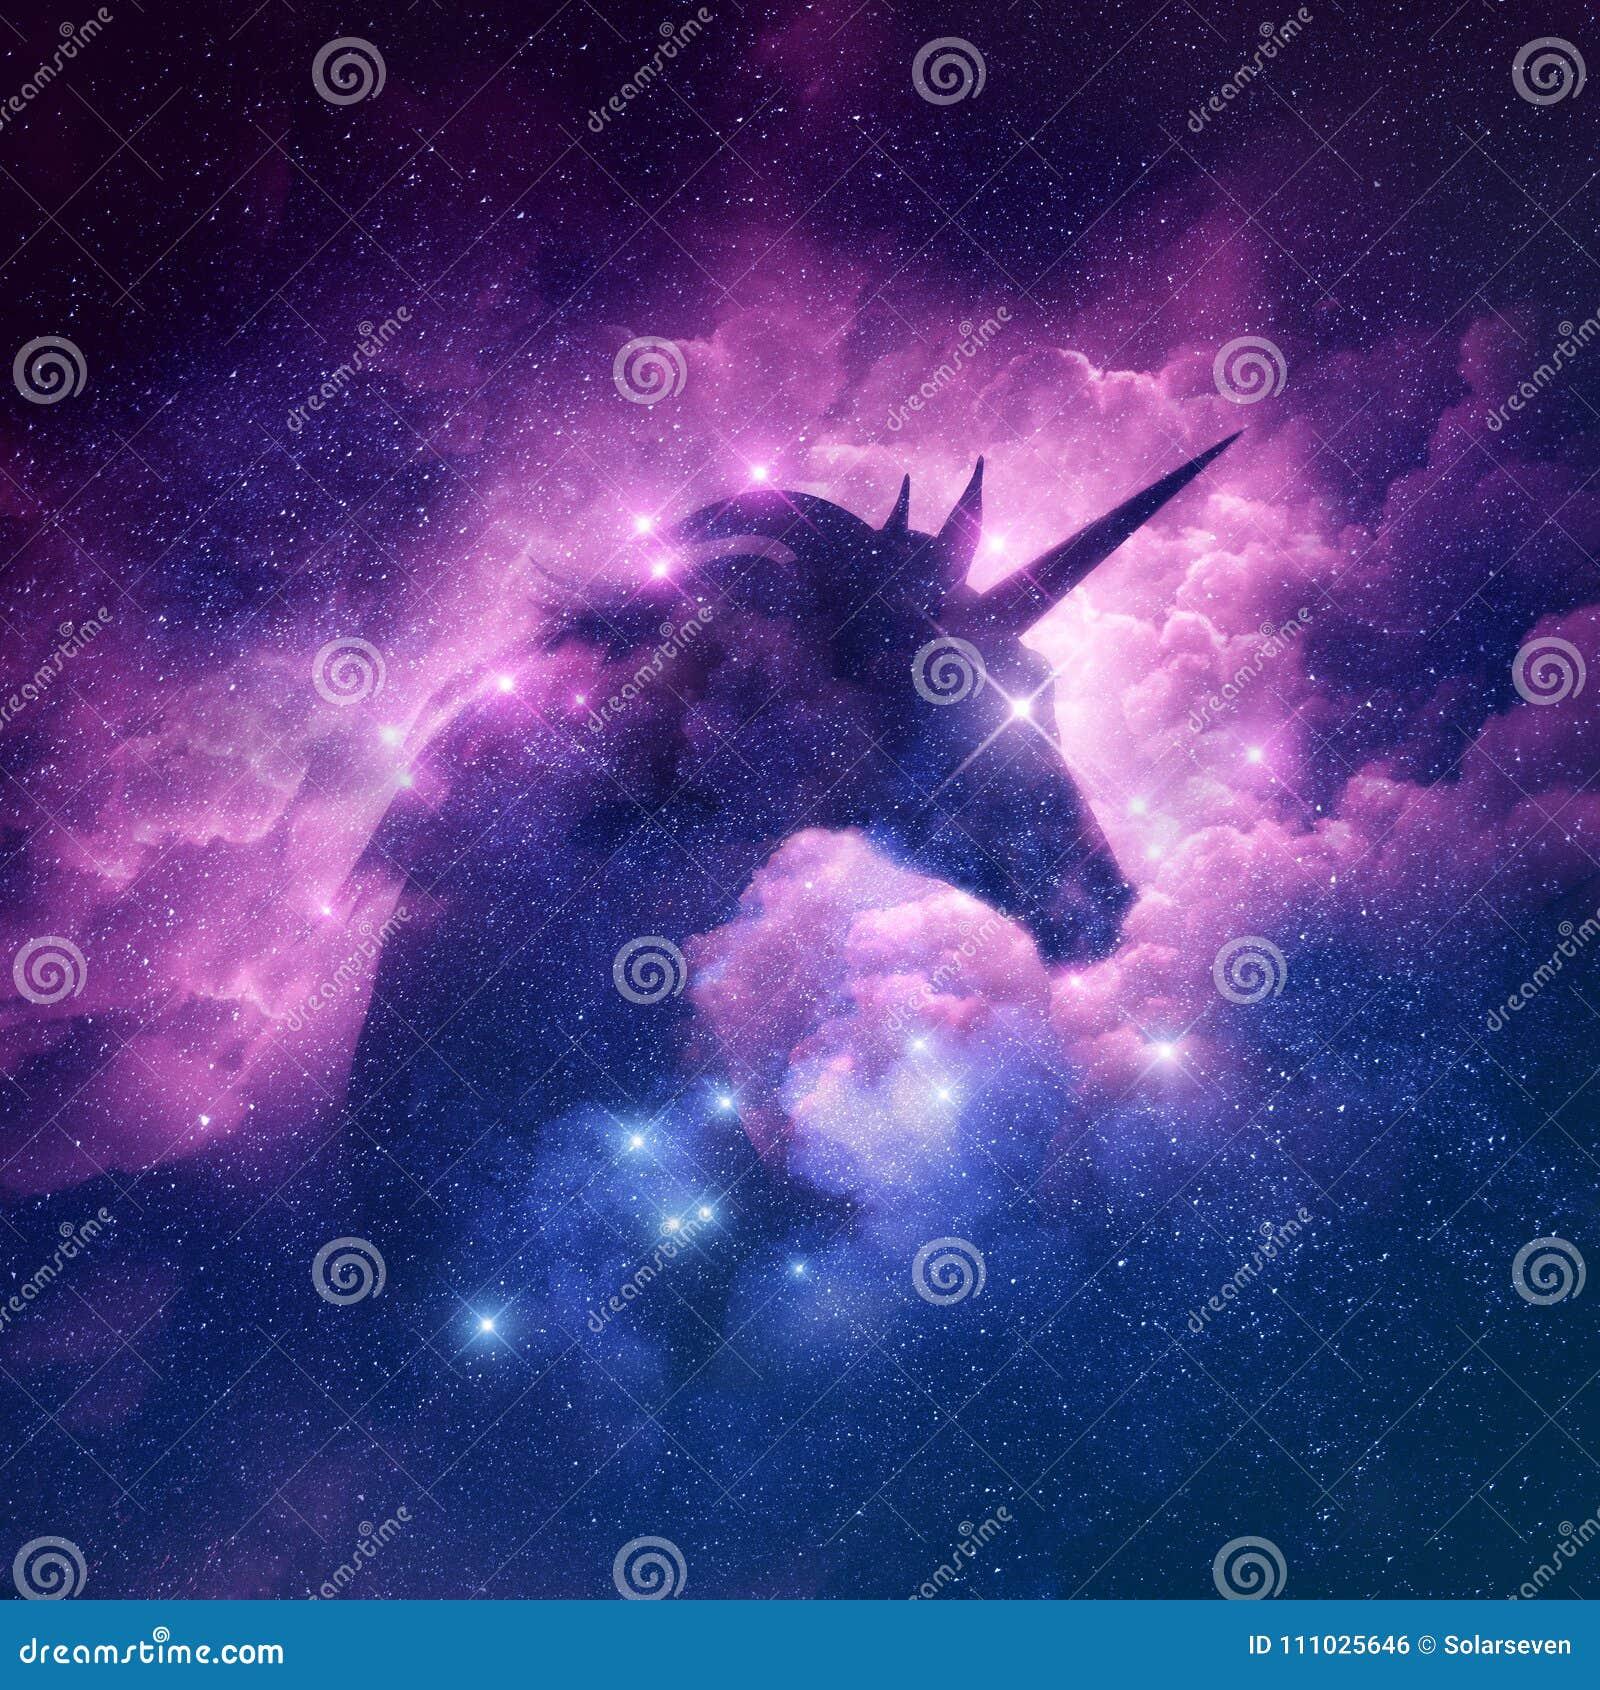 Unicorn Nebula Background